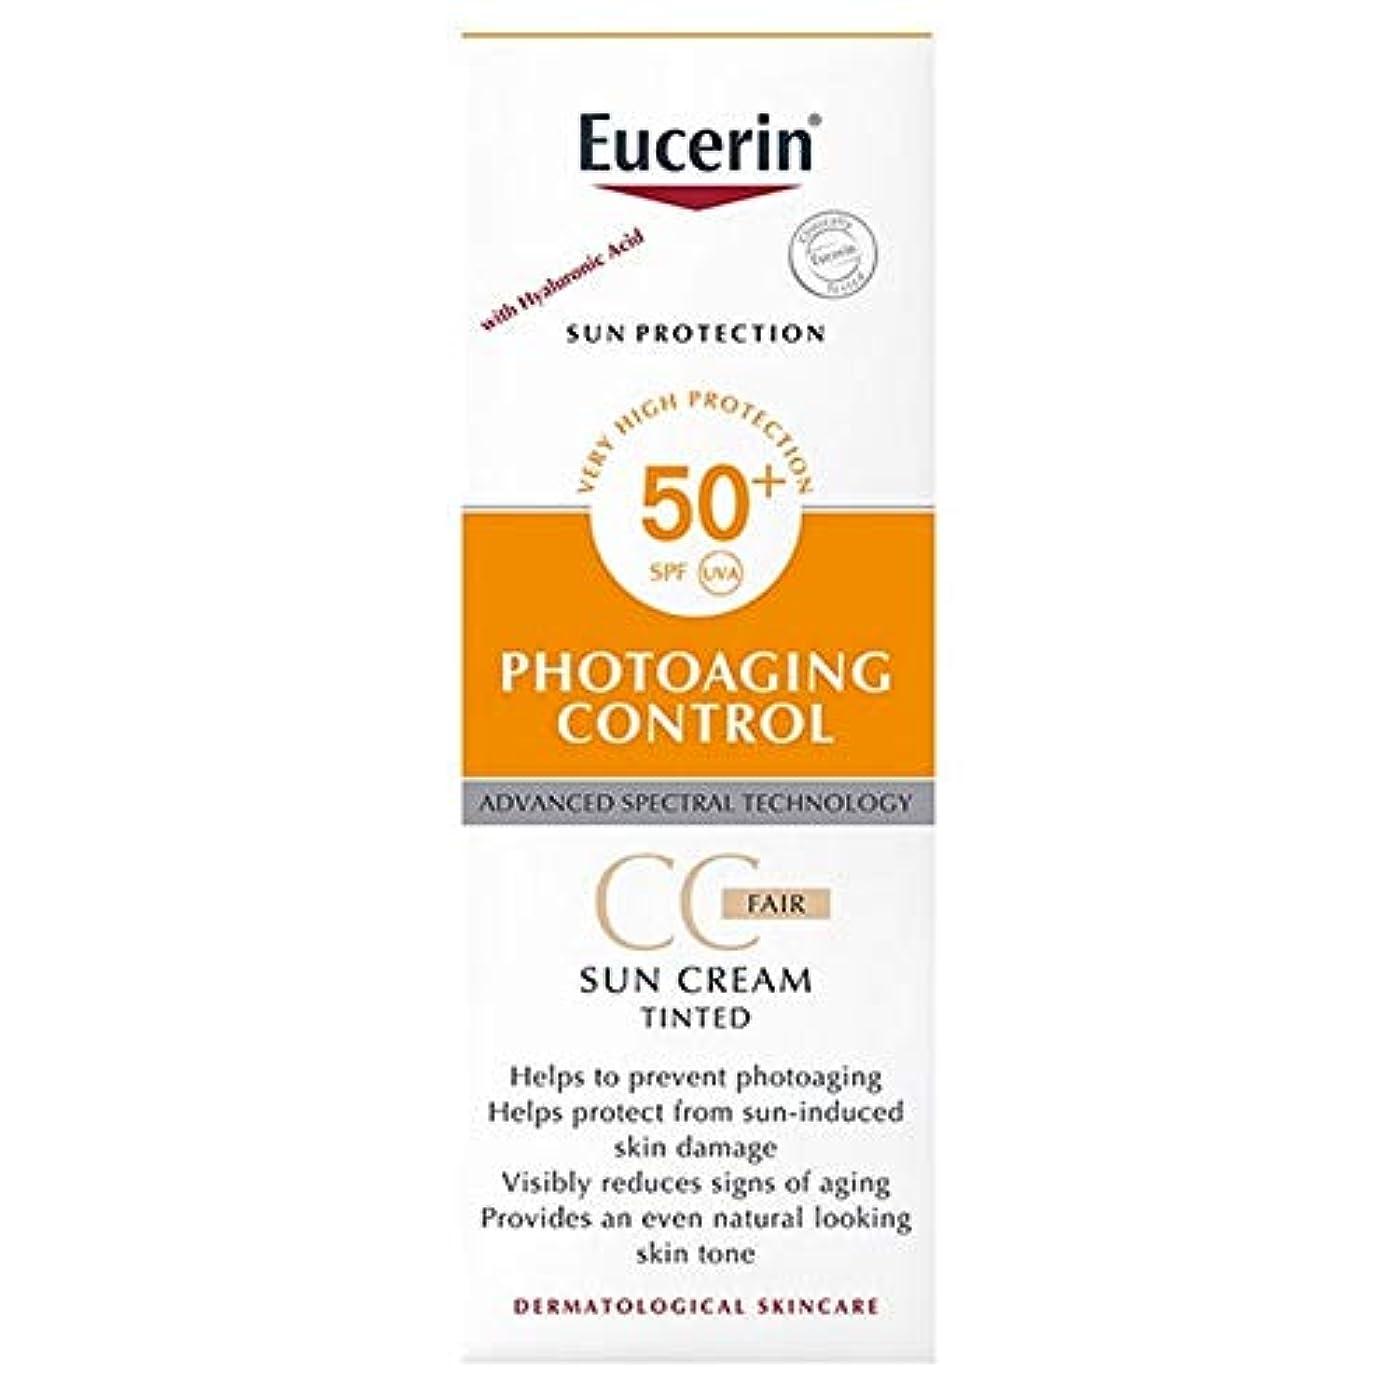 貴重なバウンスドロップ[Eucerin ] ユーセリンの光老化制御着色公正日クリームSpf50の50ミリリットル - Eucerin Photoaging Control Tinted Fair Sun Cream SPF50 50ml [並行輸入品]